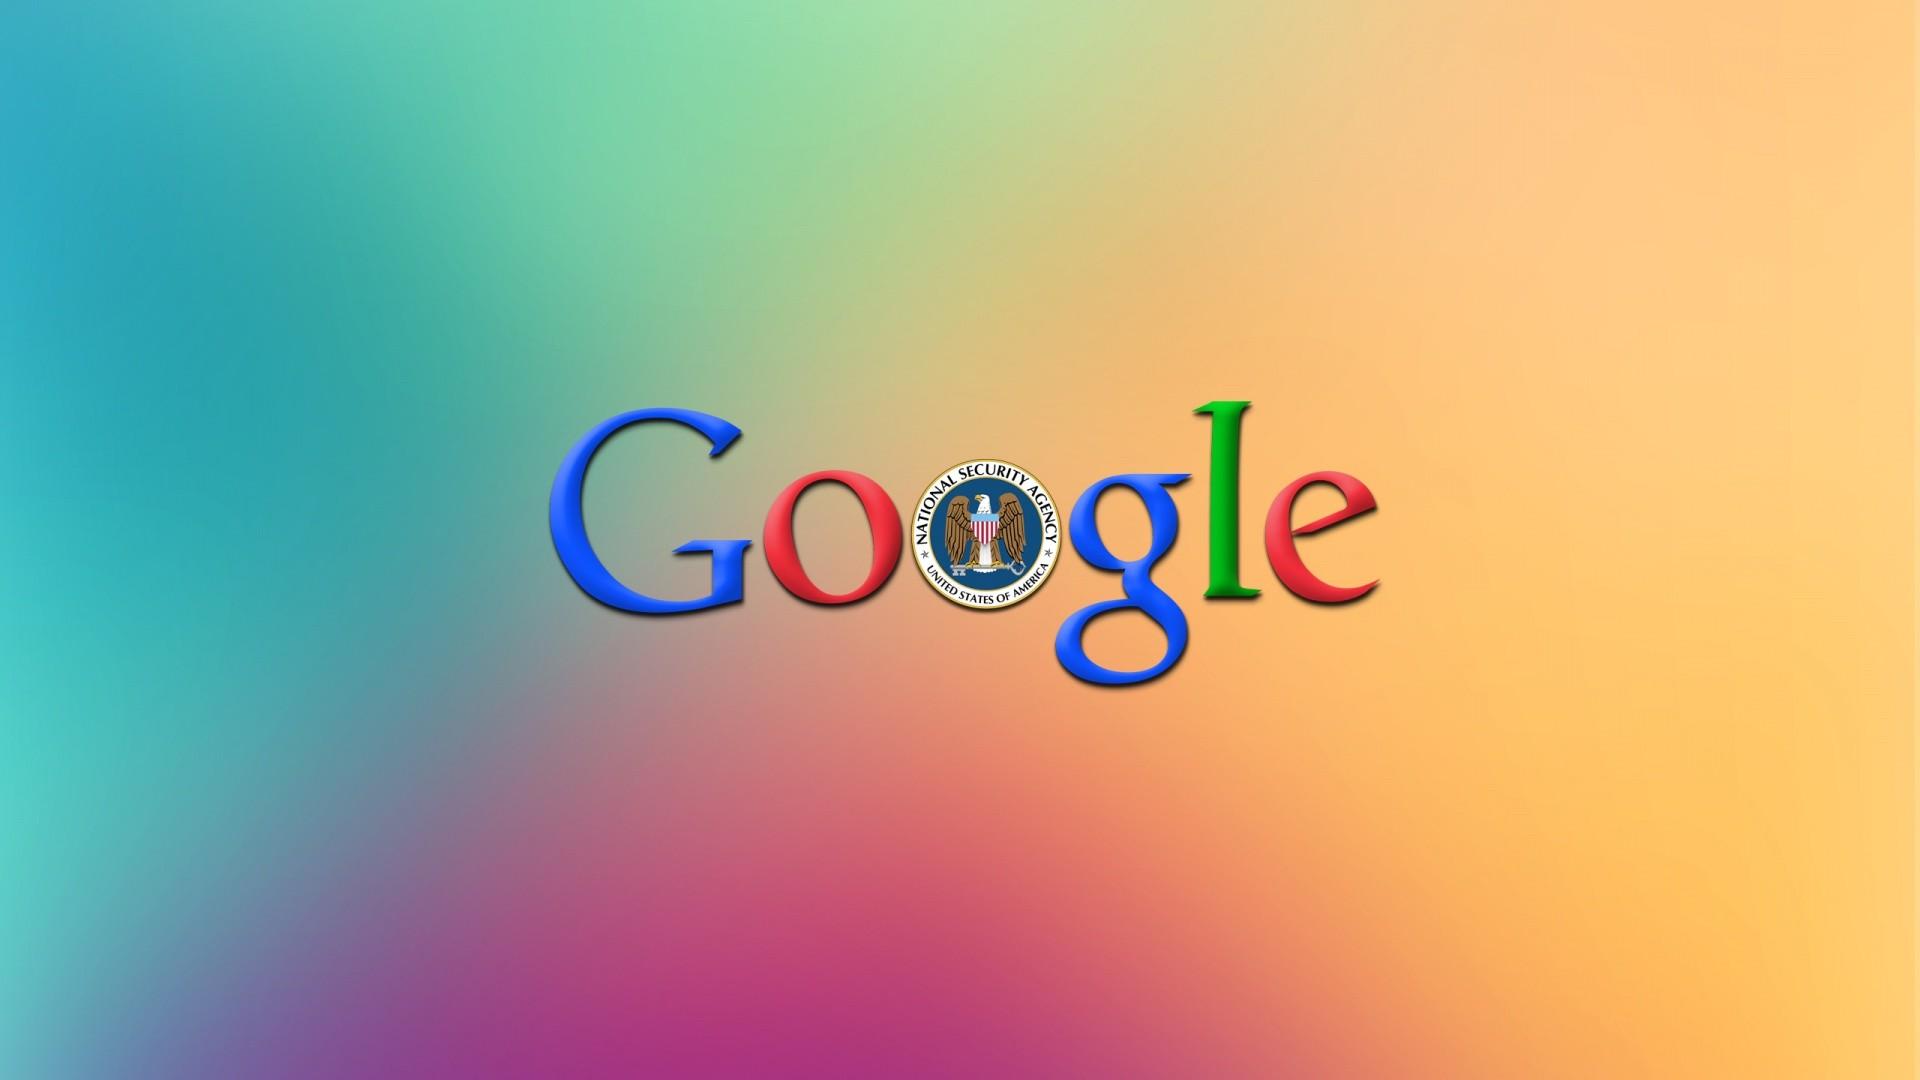 Free Download Google Desktop Background 51 Images 1920x1080 For Your Desktop Mobile Tablet Explore 61 Google Desktop Backgrounds Google Wallpaper Images Google Wallpapers And Backgrounds Google Wallpaper And Screensavers